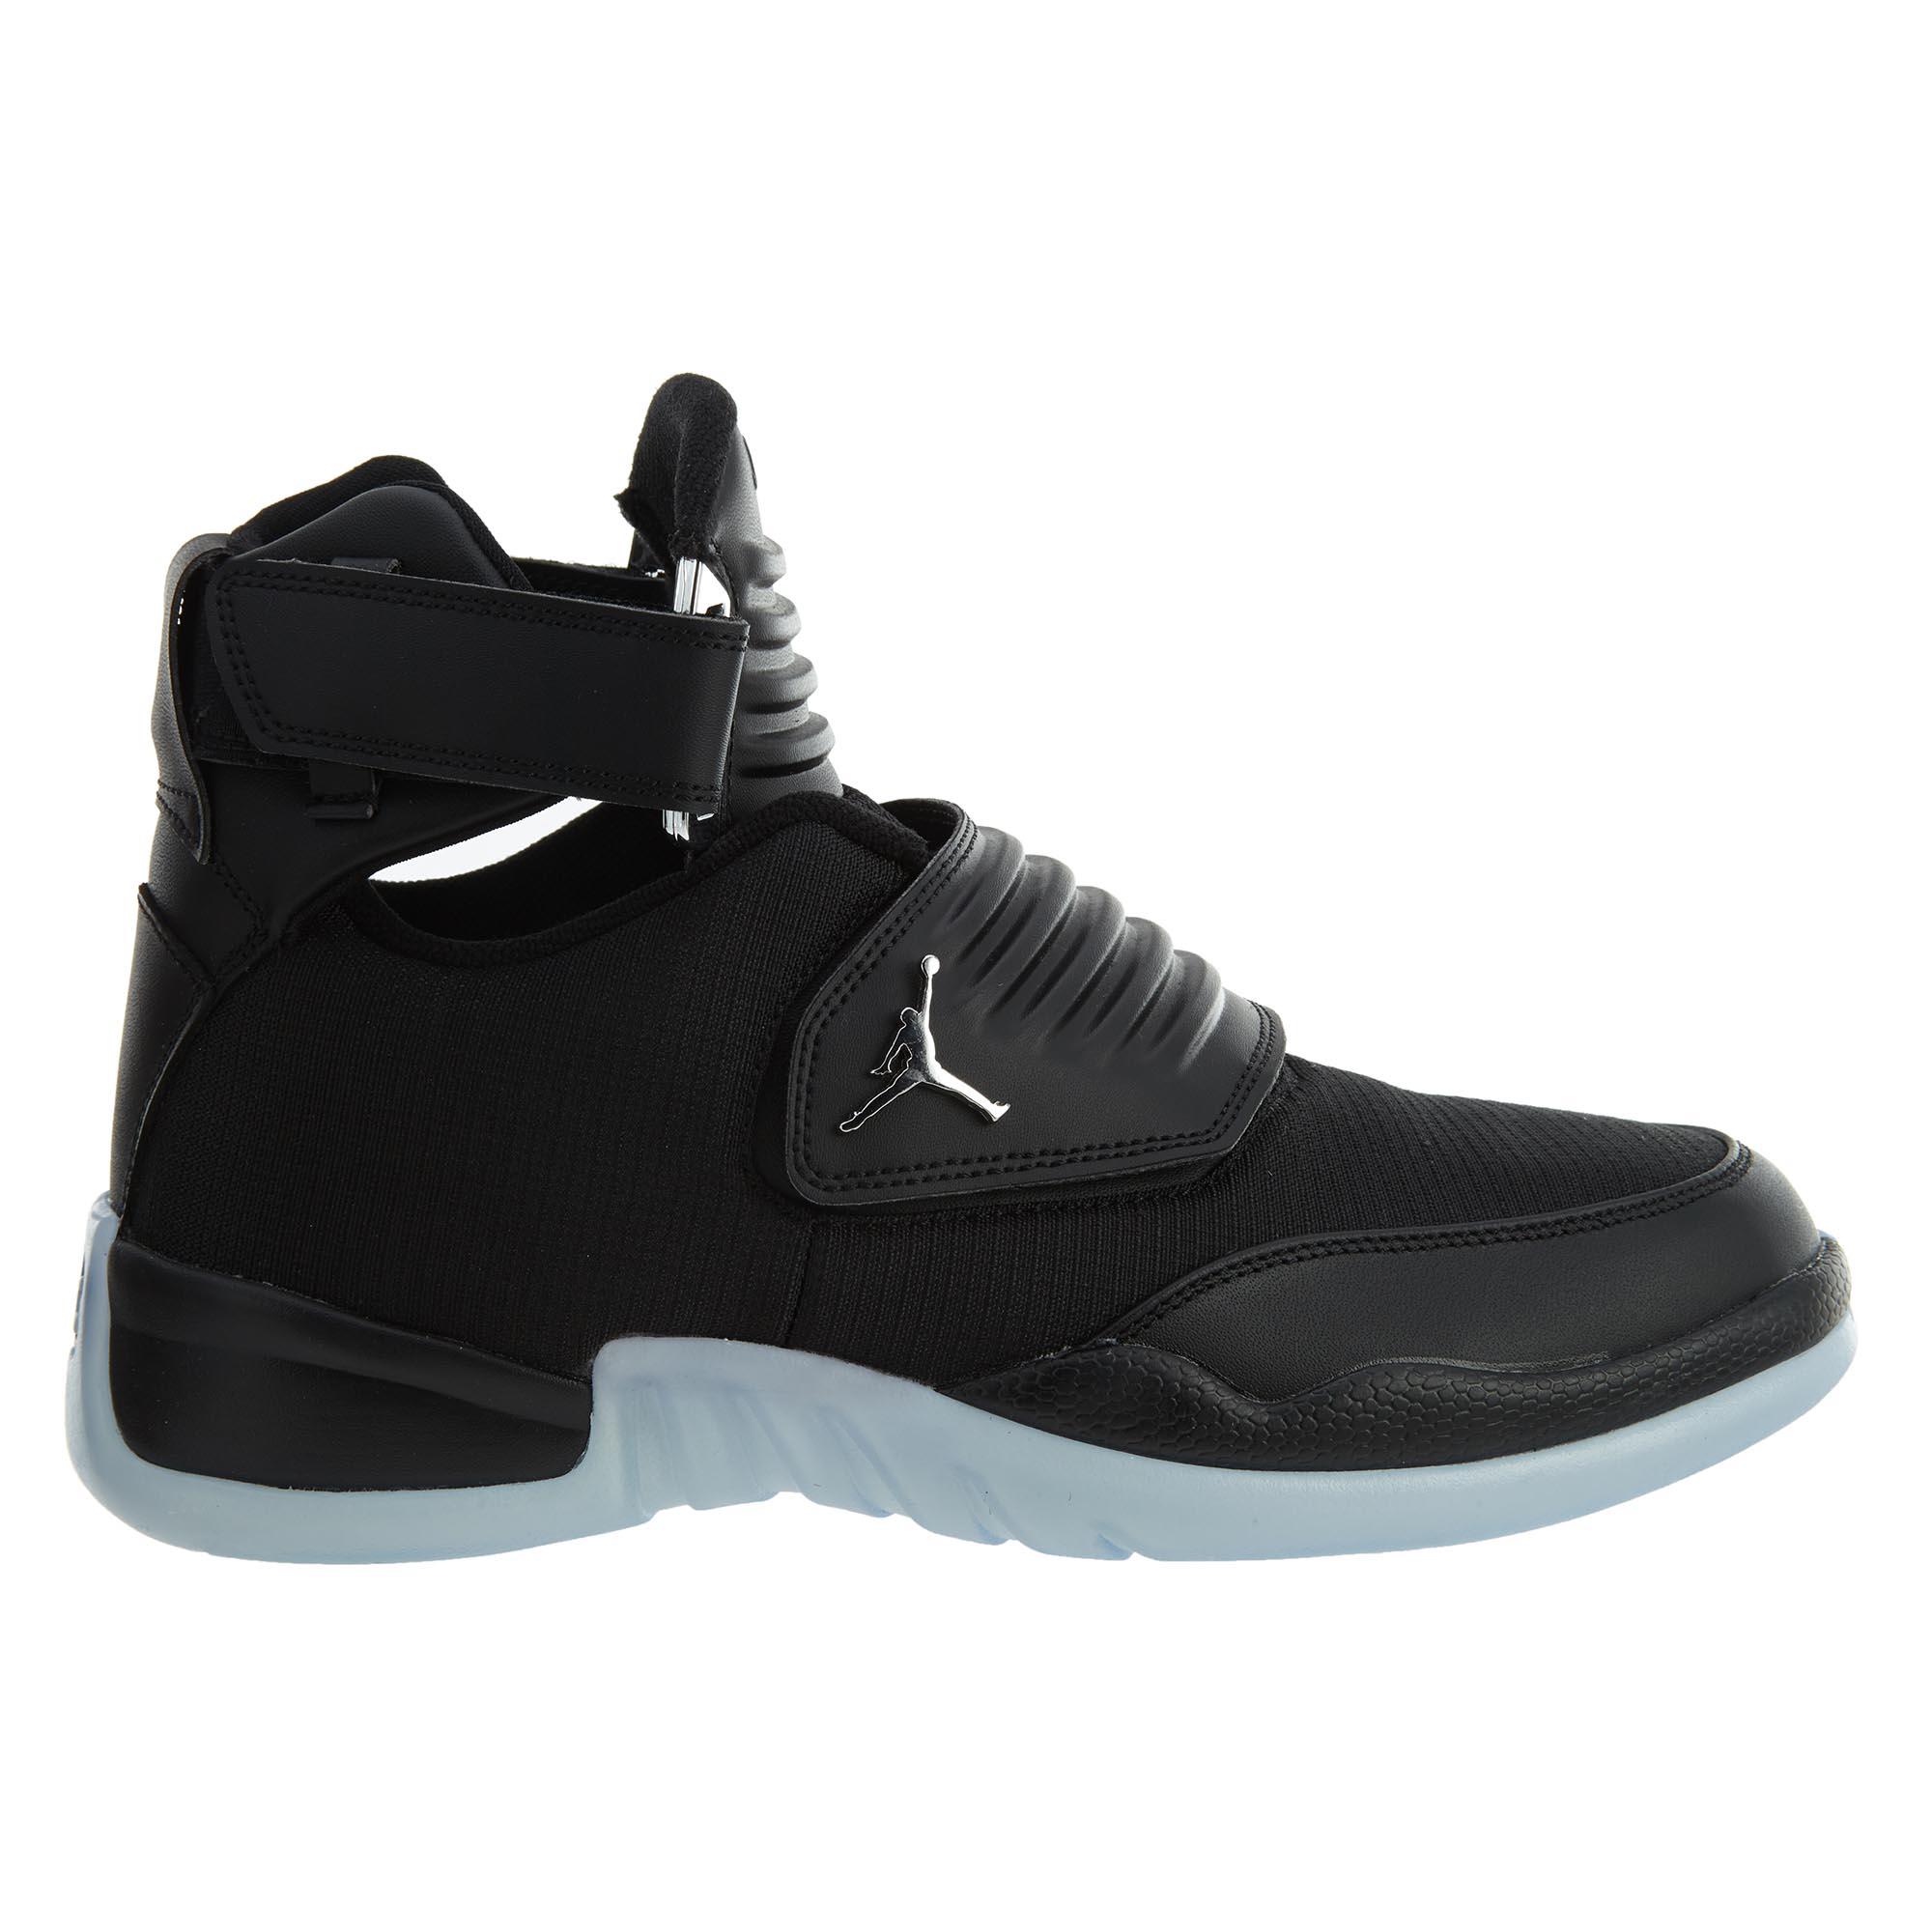 Jordan Generation 23 Black/Black-Chrome